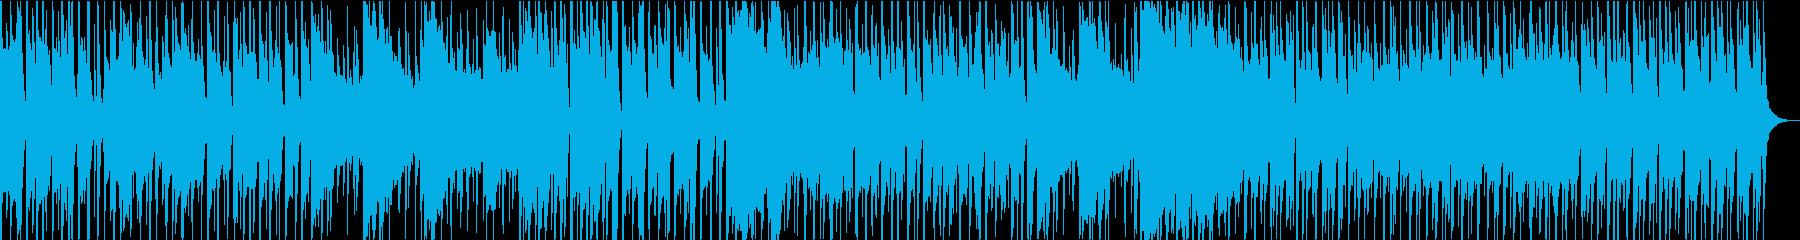 うろついている猫のように、このグル...の再生済みの波形